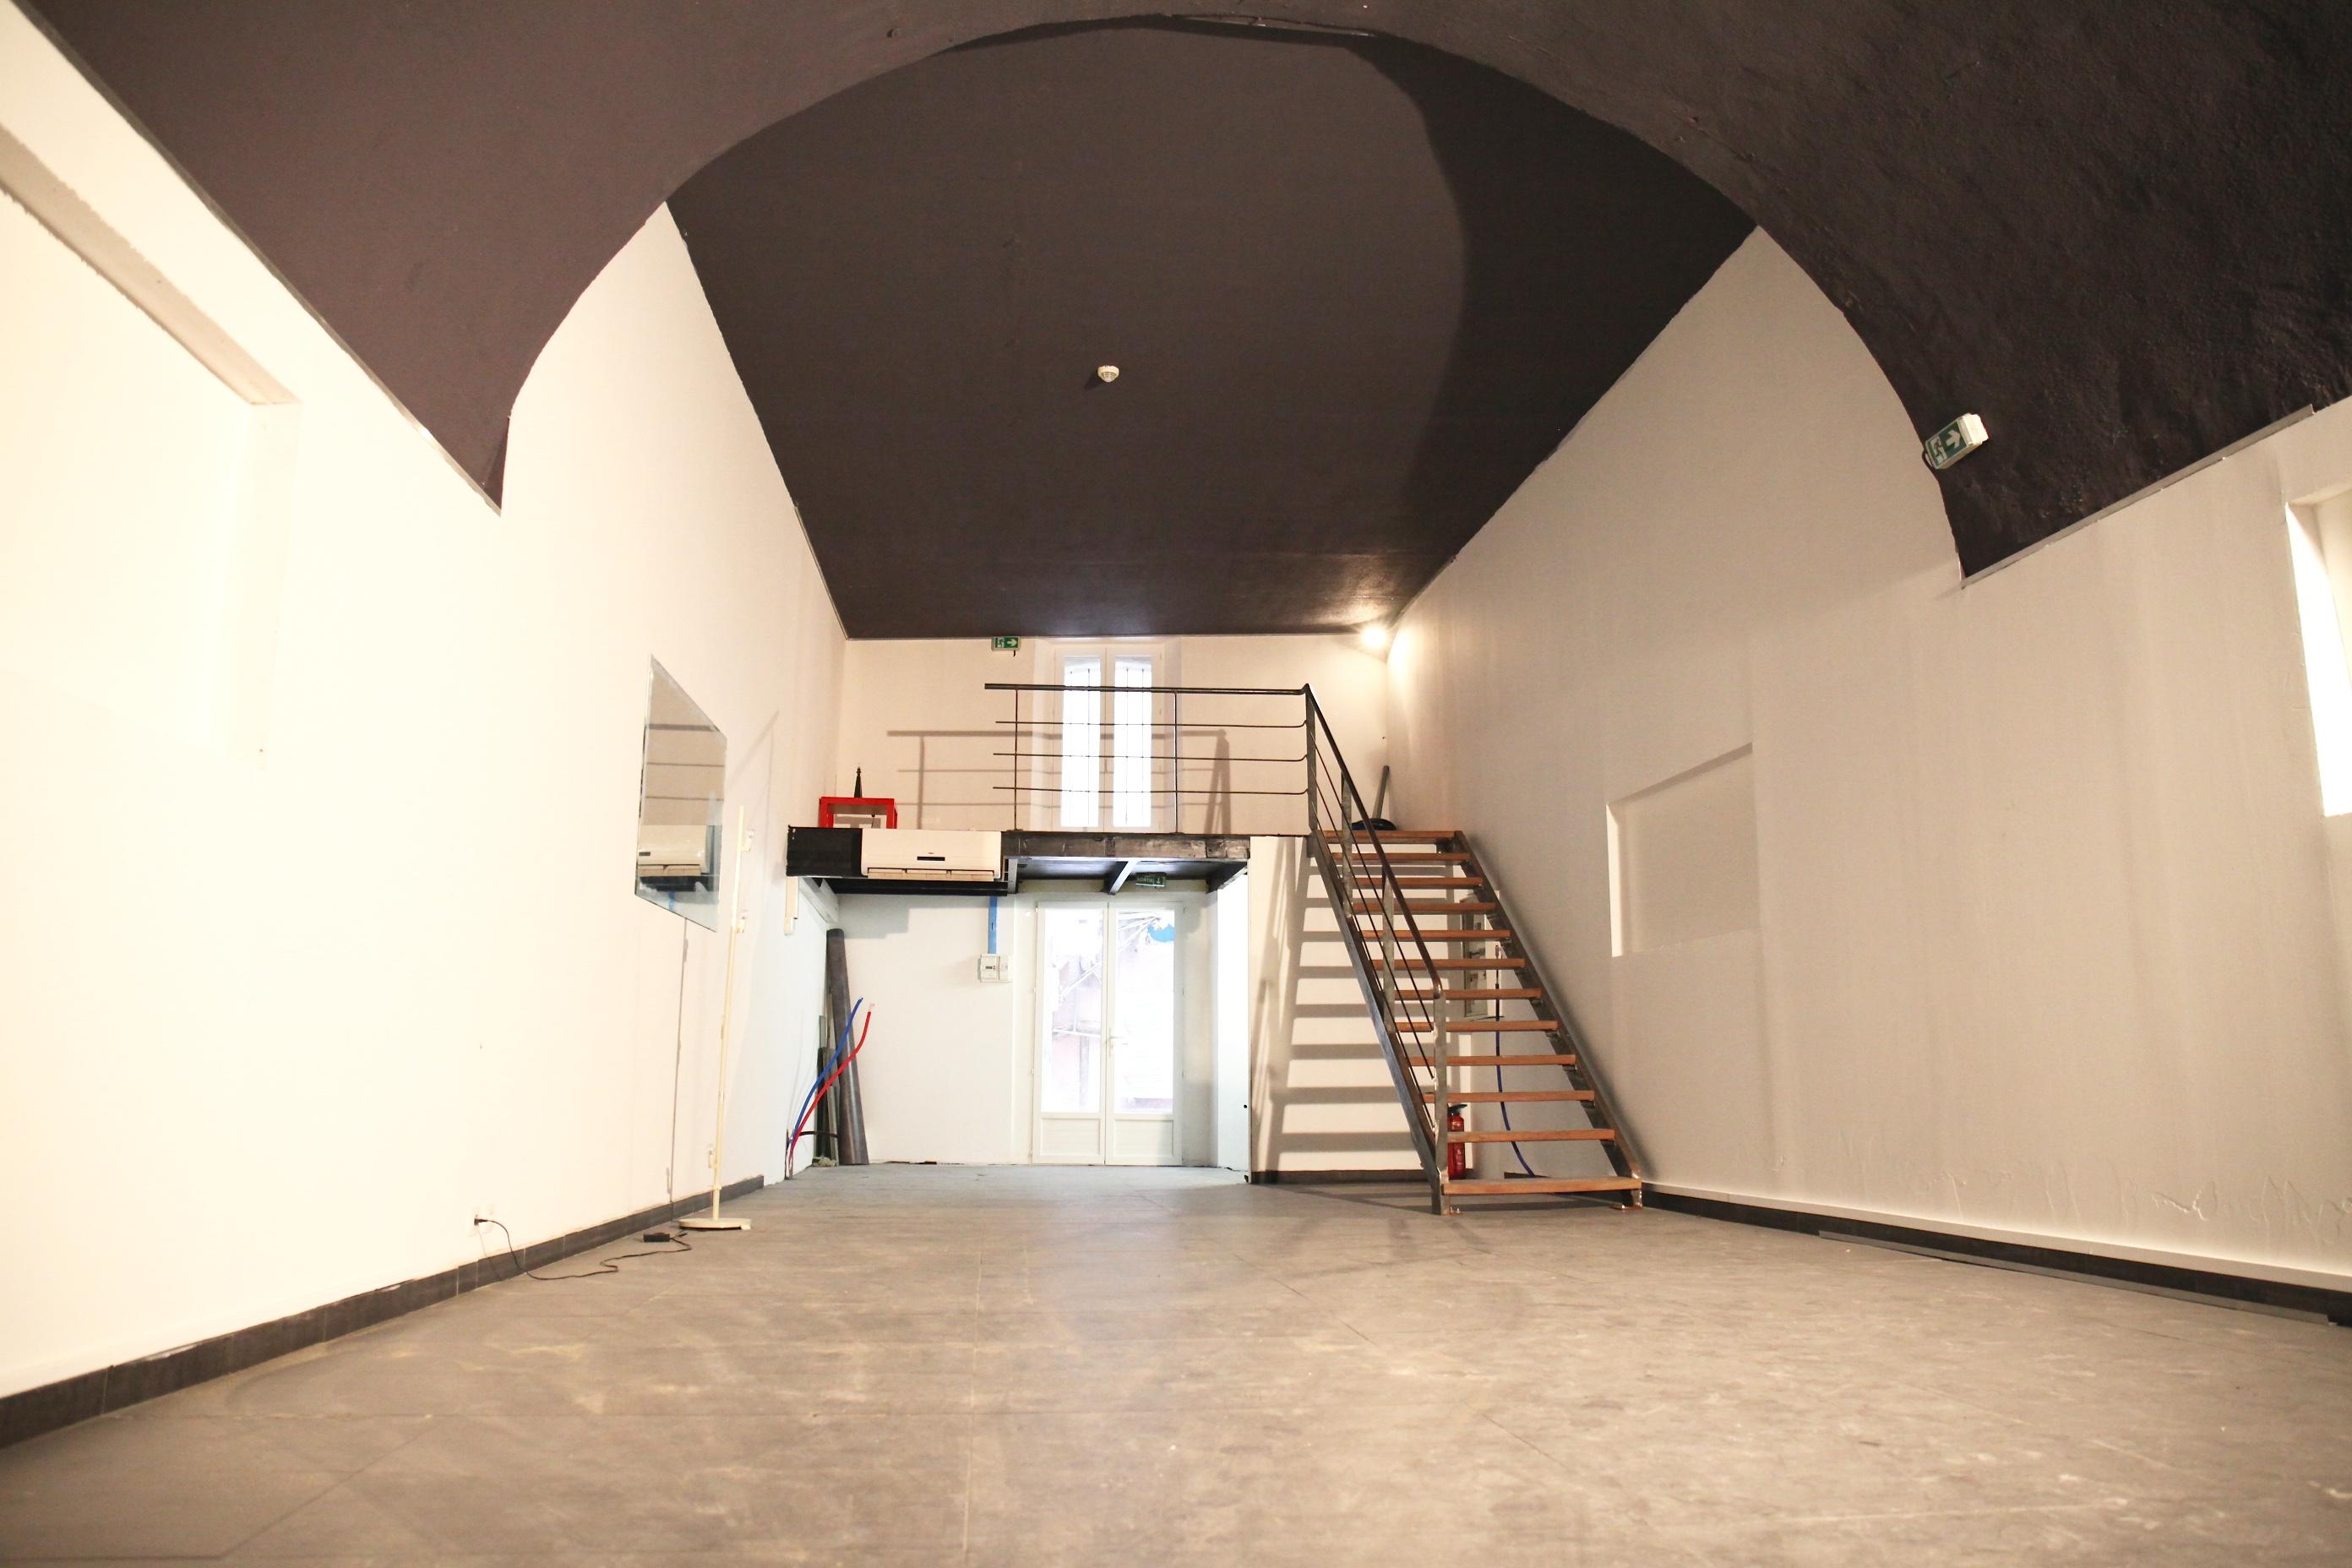 Sous compromis - 7e - Vieux Port - La Criée - Loft - Local  - 70m² sol -  Local attenant de 15m² - 110 000€